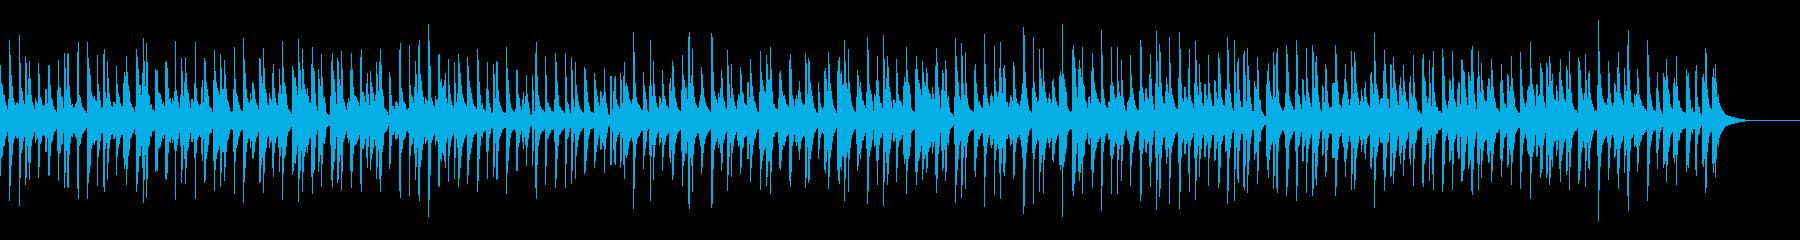 明るく陽気なジャズトリオ曲の再生済みの波形